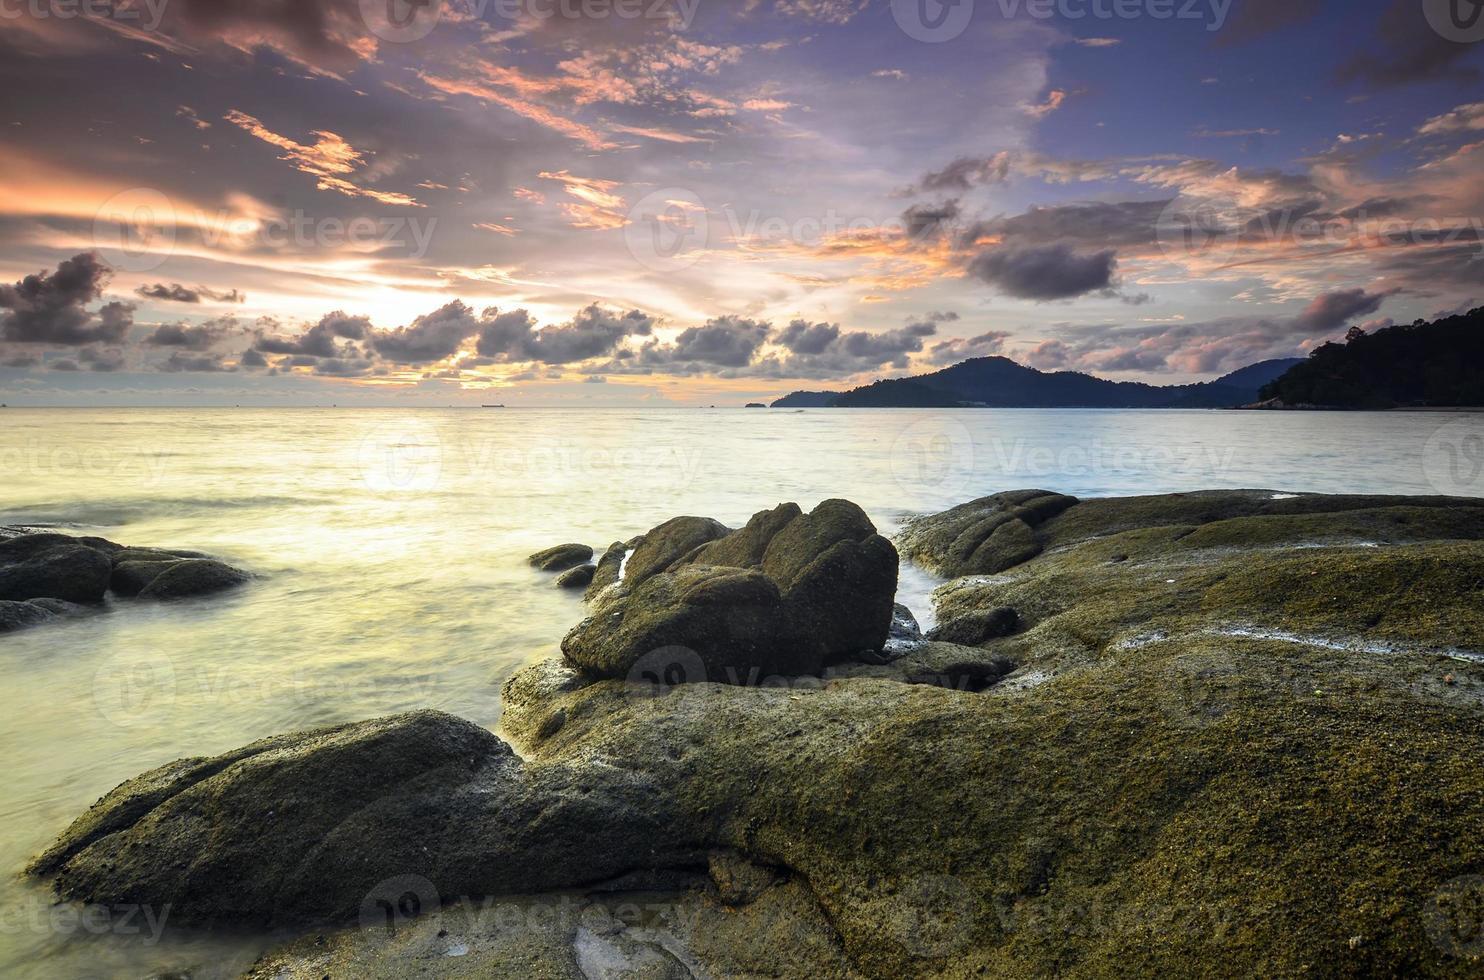 Sonnenaufgang am felsigen Strand in Terengganu, Malaysia. foto